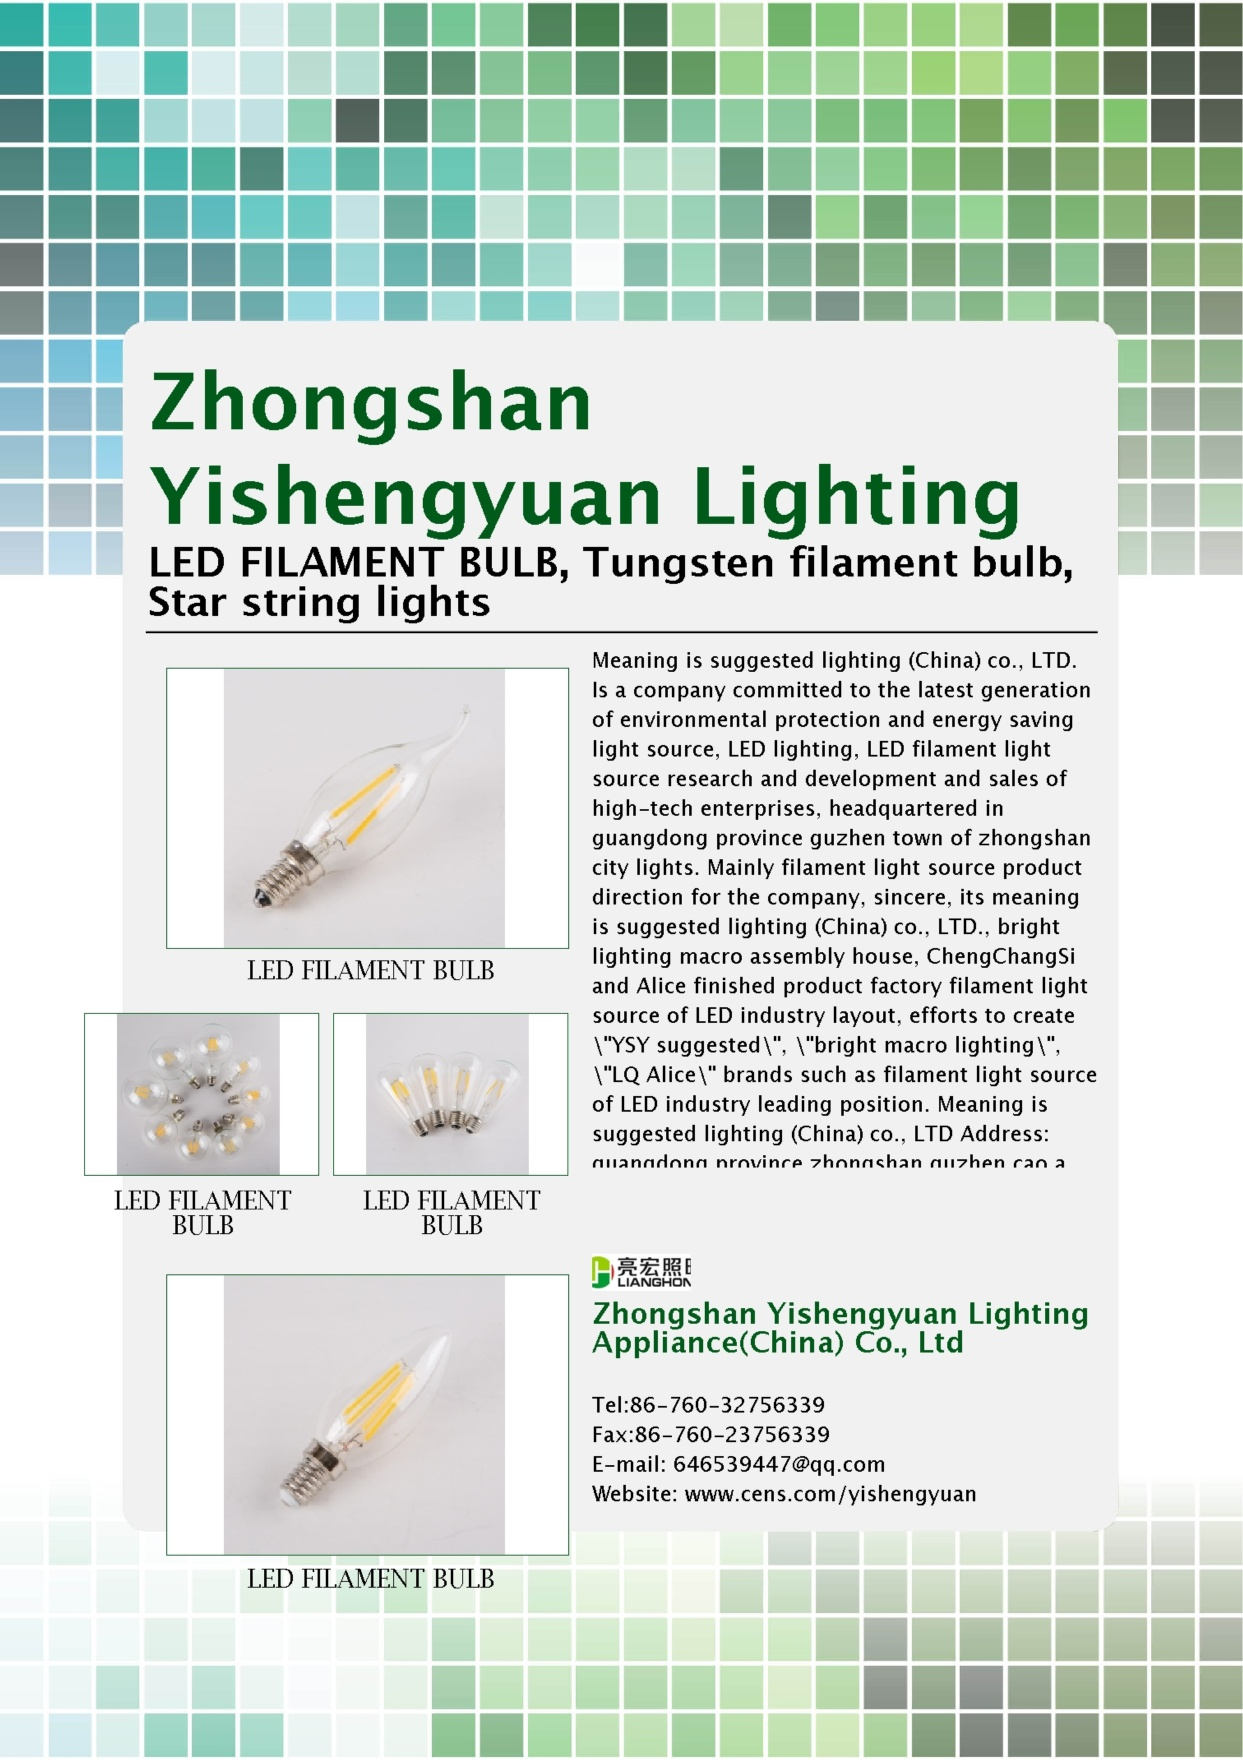 ZHONGSHAN YISHENGYUAN LIGHTING APPLIANCE(CHINA) CO., LTD